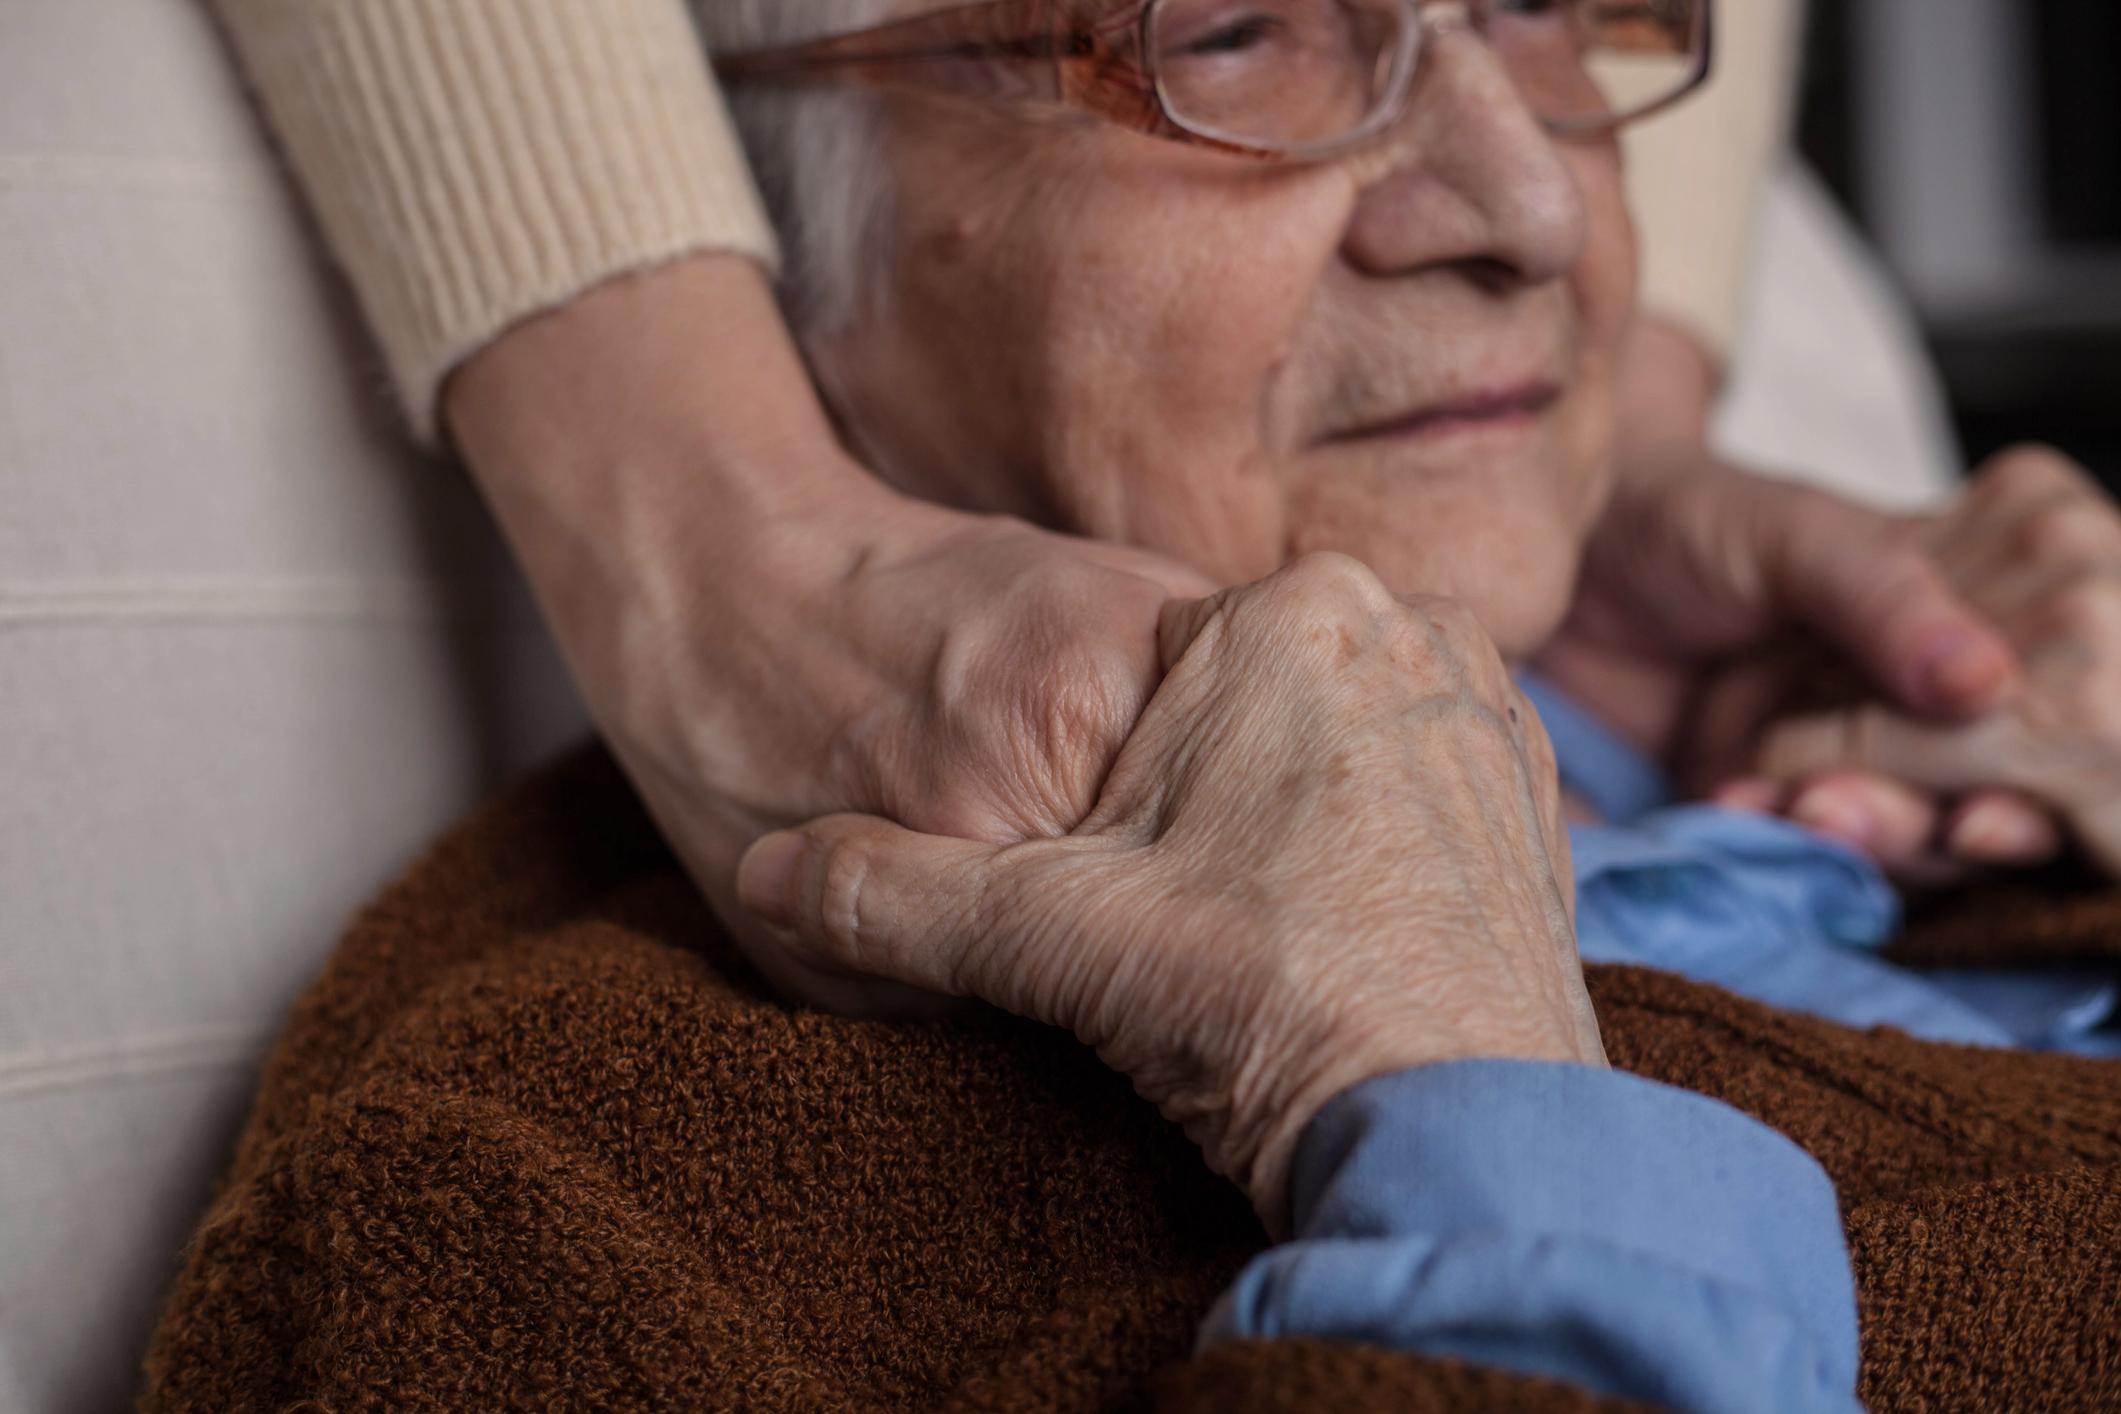 4 de abril é o Dia Nacional do Parkinsoniano. Cerca de 200 mil brasileiros acima de 60 anos possuem a doença. Apesar de ainda não ter medicações que impeçam a evolução da doença, o diagnóstico precoce, o tratamento adequado e o acompanhamento geriátrico e neurológico são fundamentais para manter a autonomia do idoso.